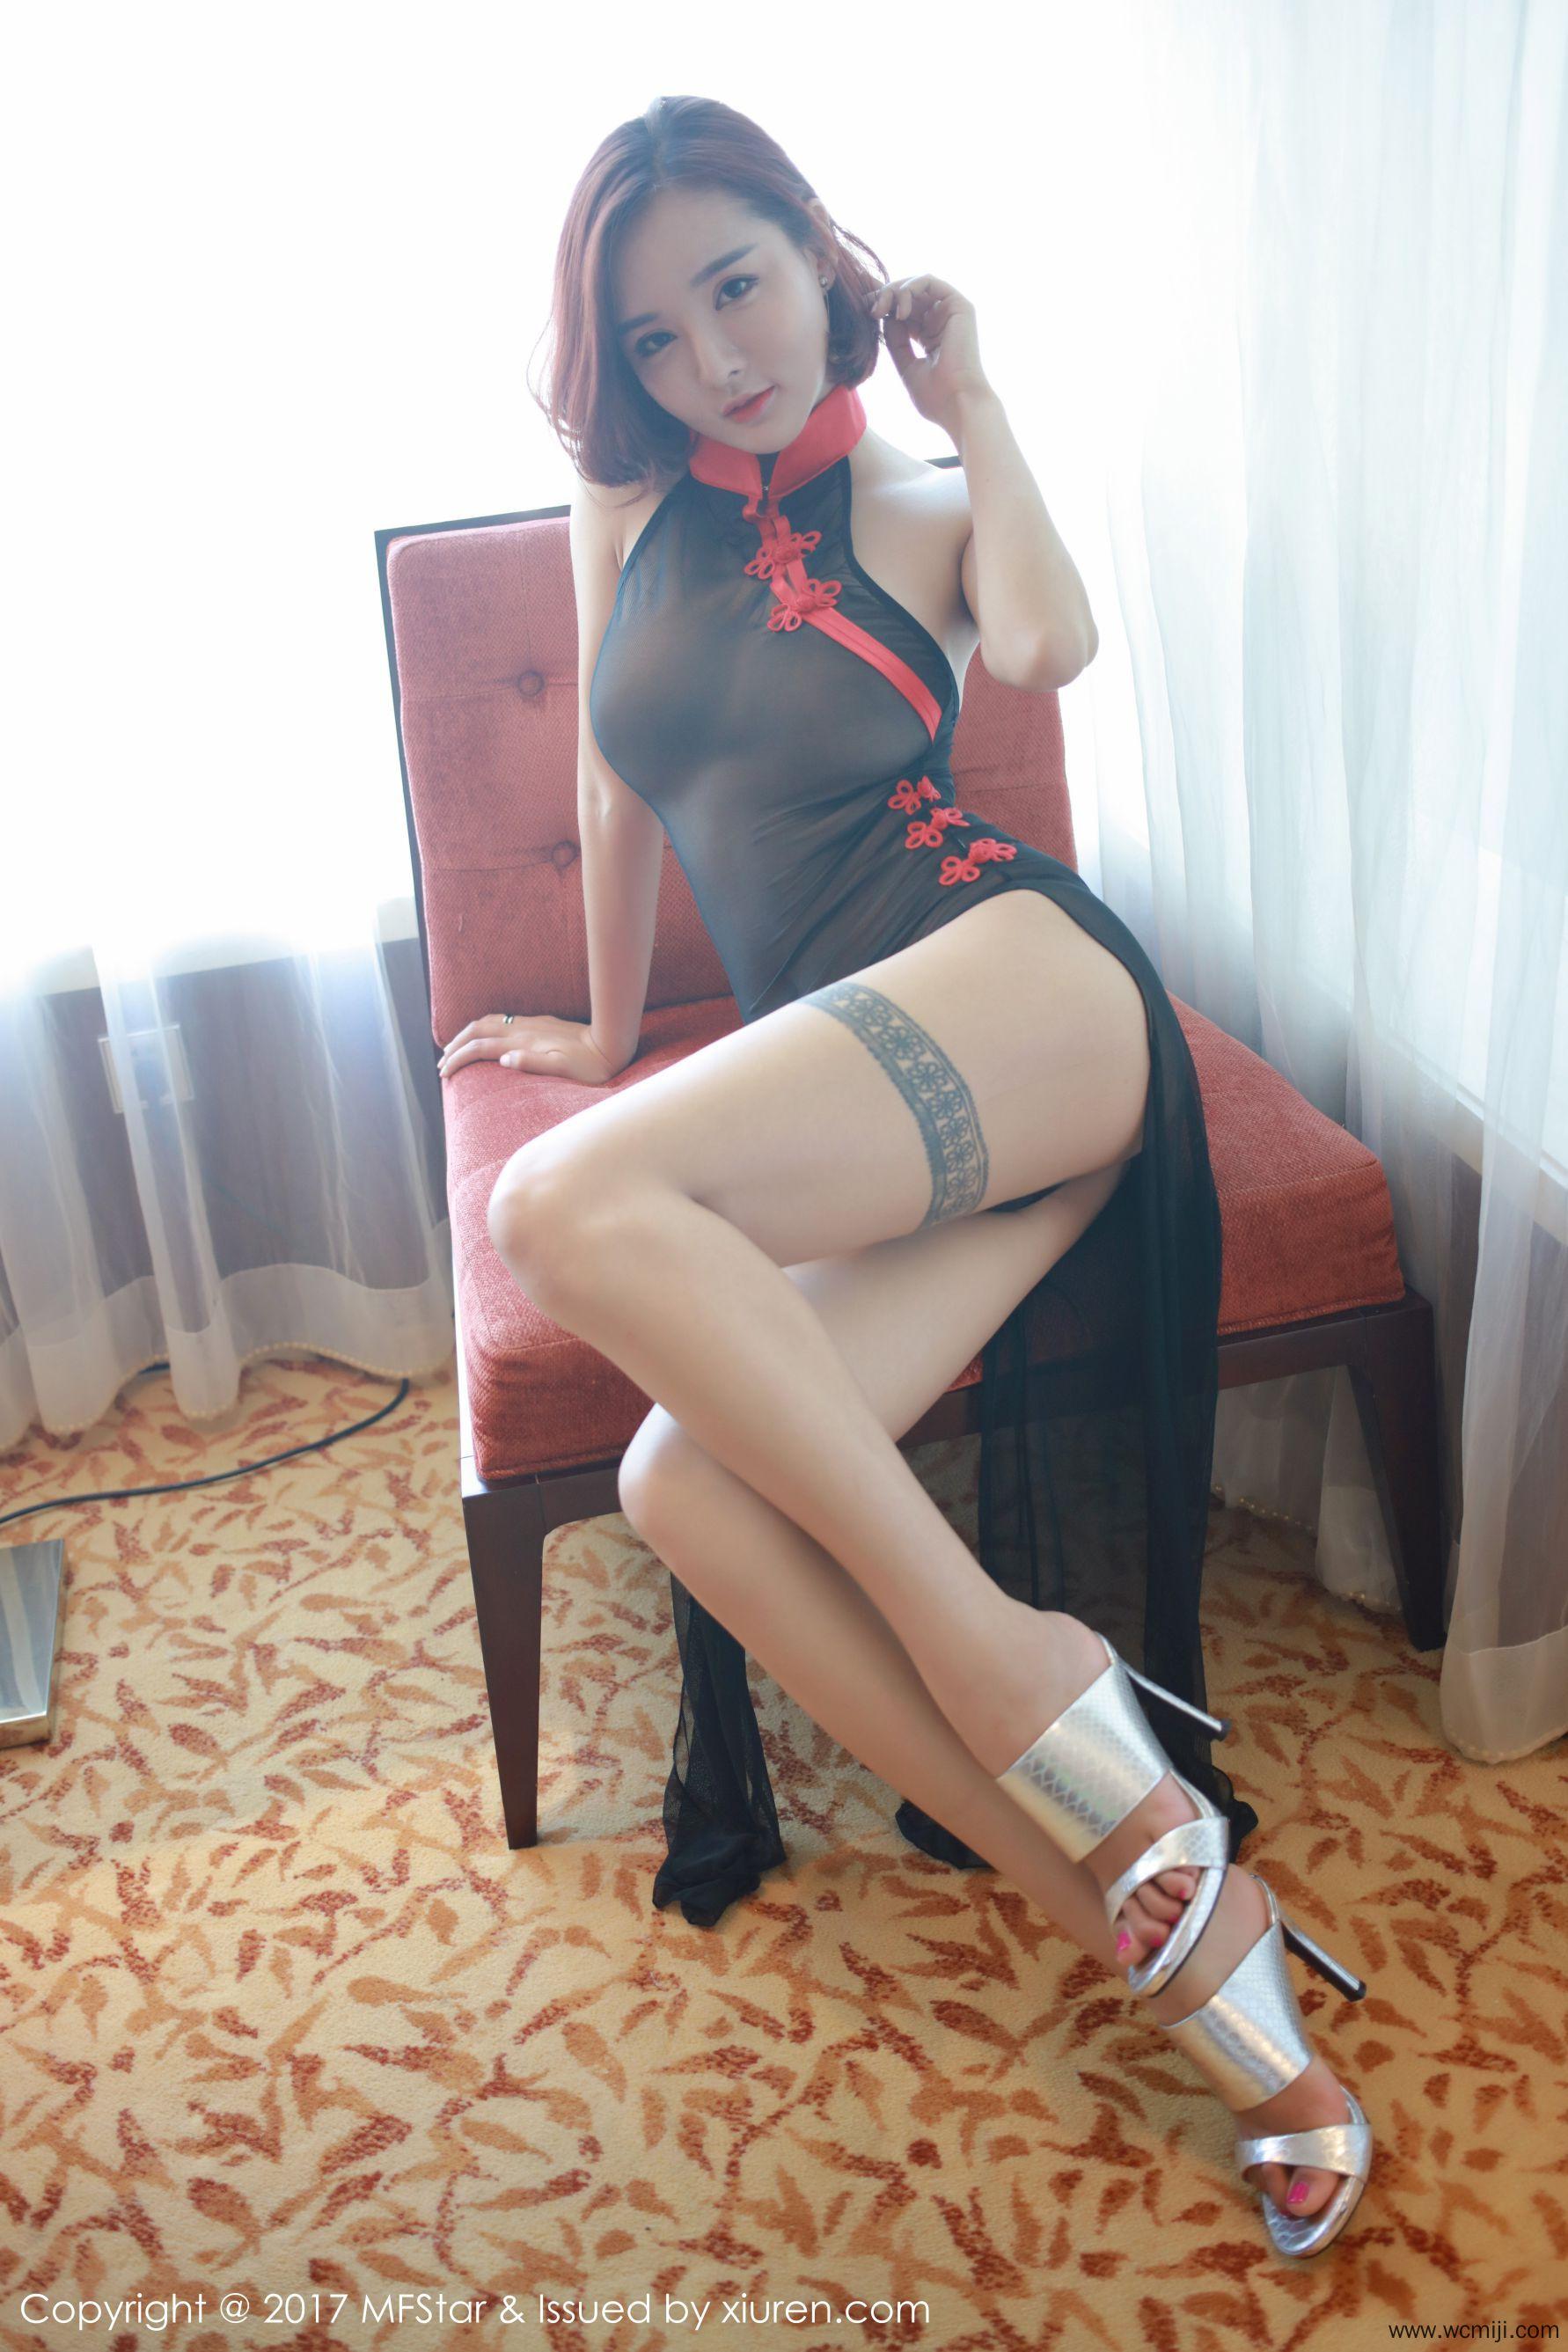 【网红】【金雨佳】美乳女神金雨佳圆润美臀蕾丝透视装大胆人体艺术写真图片【46P】 制服